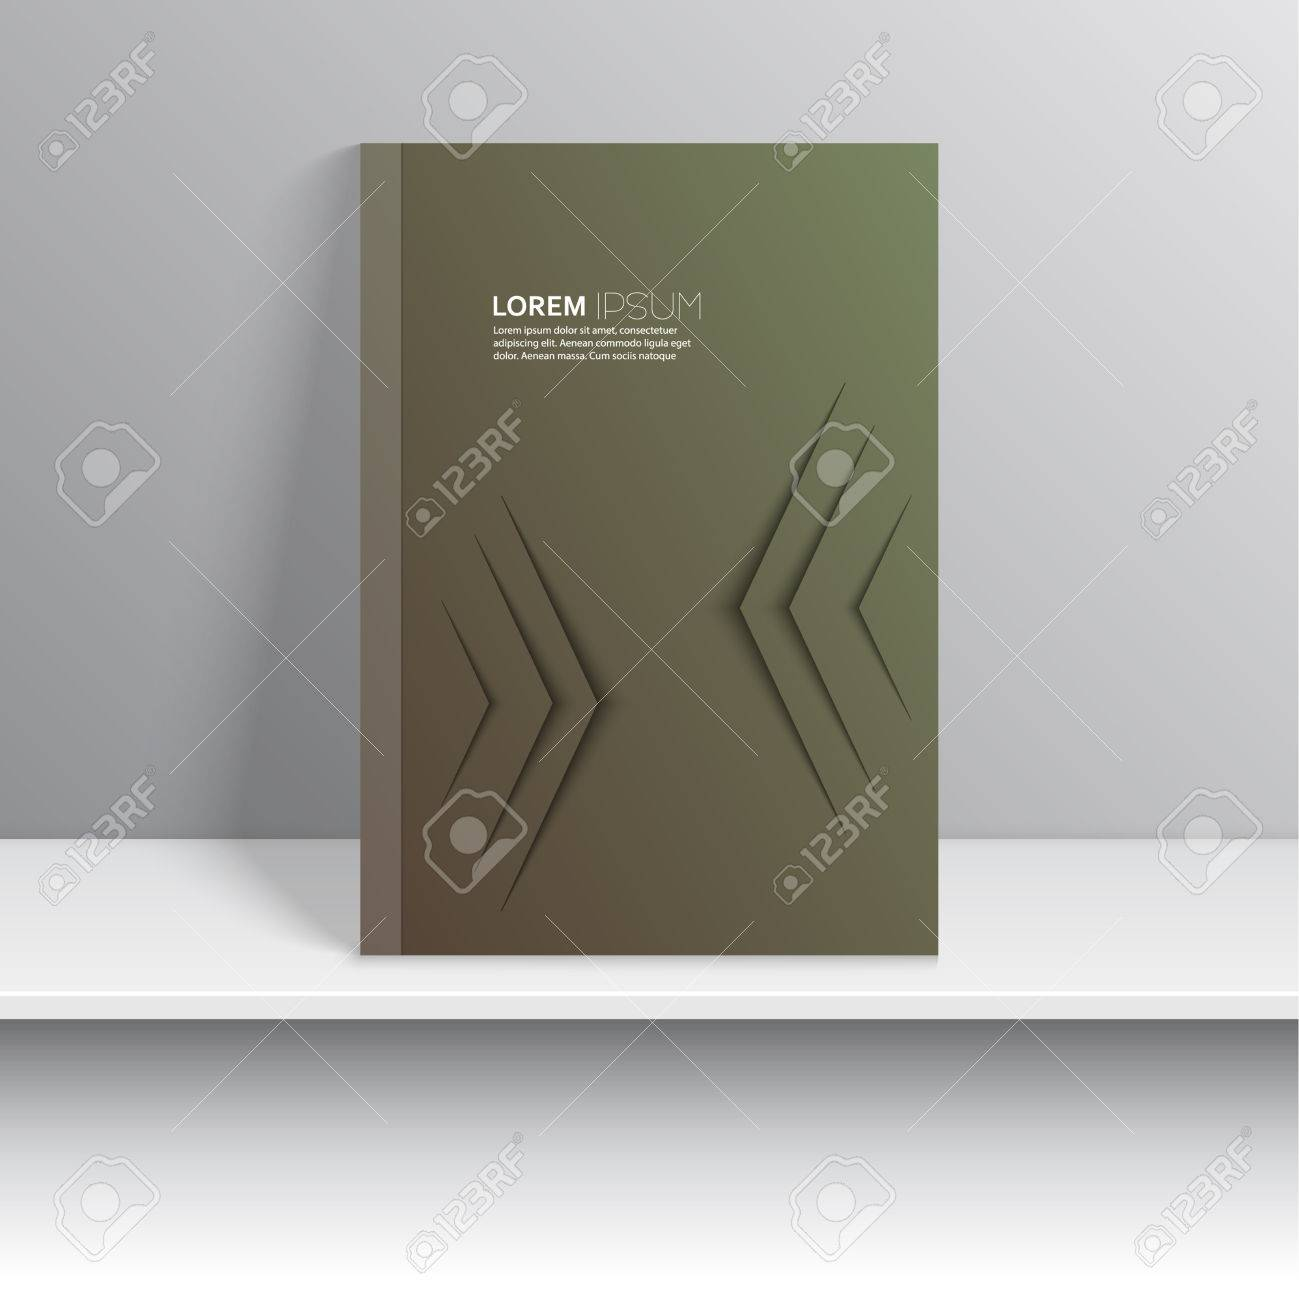 Couverture De Magazine Avec Des Lignes Courbes Design Plat Moderne